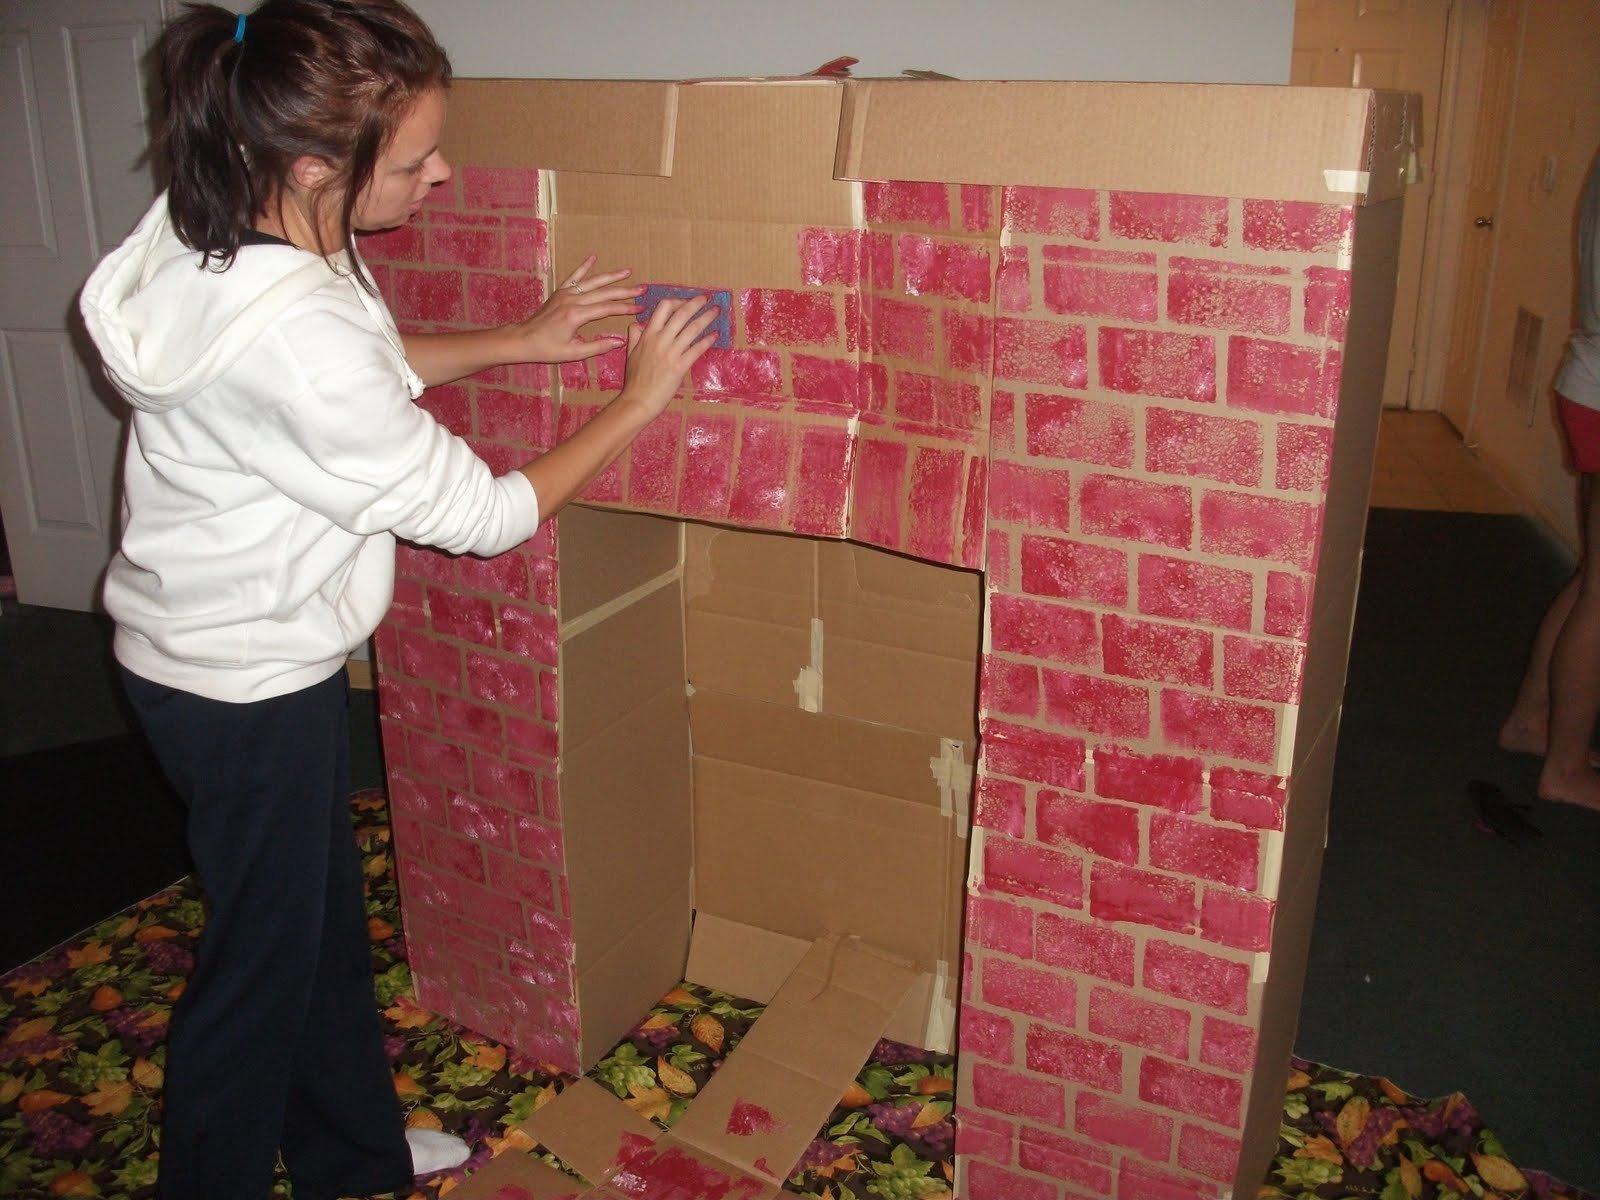 Как сделать декоративный камин своими руками в квартире фото